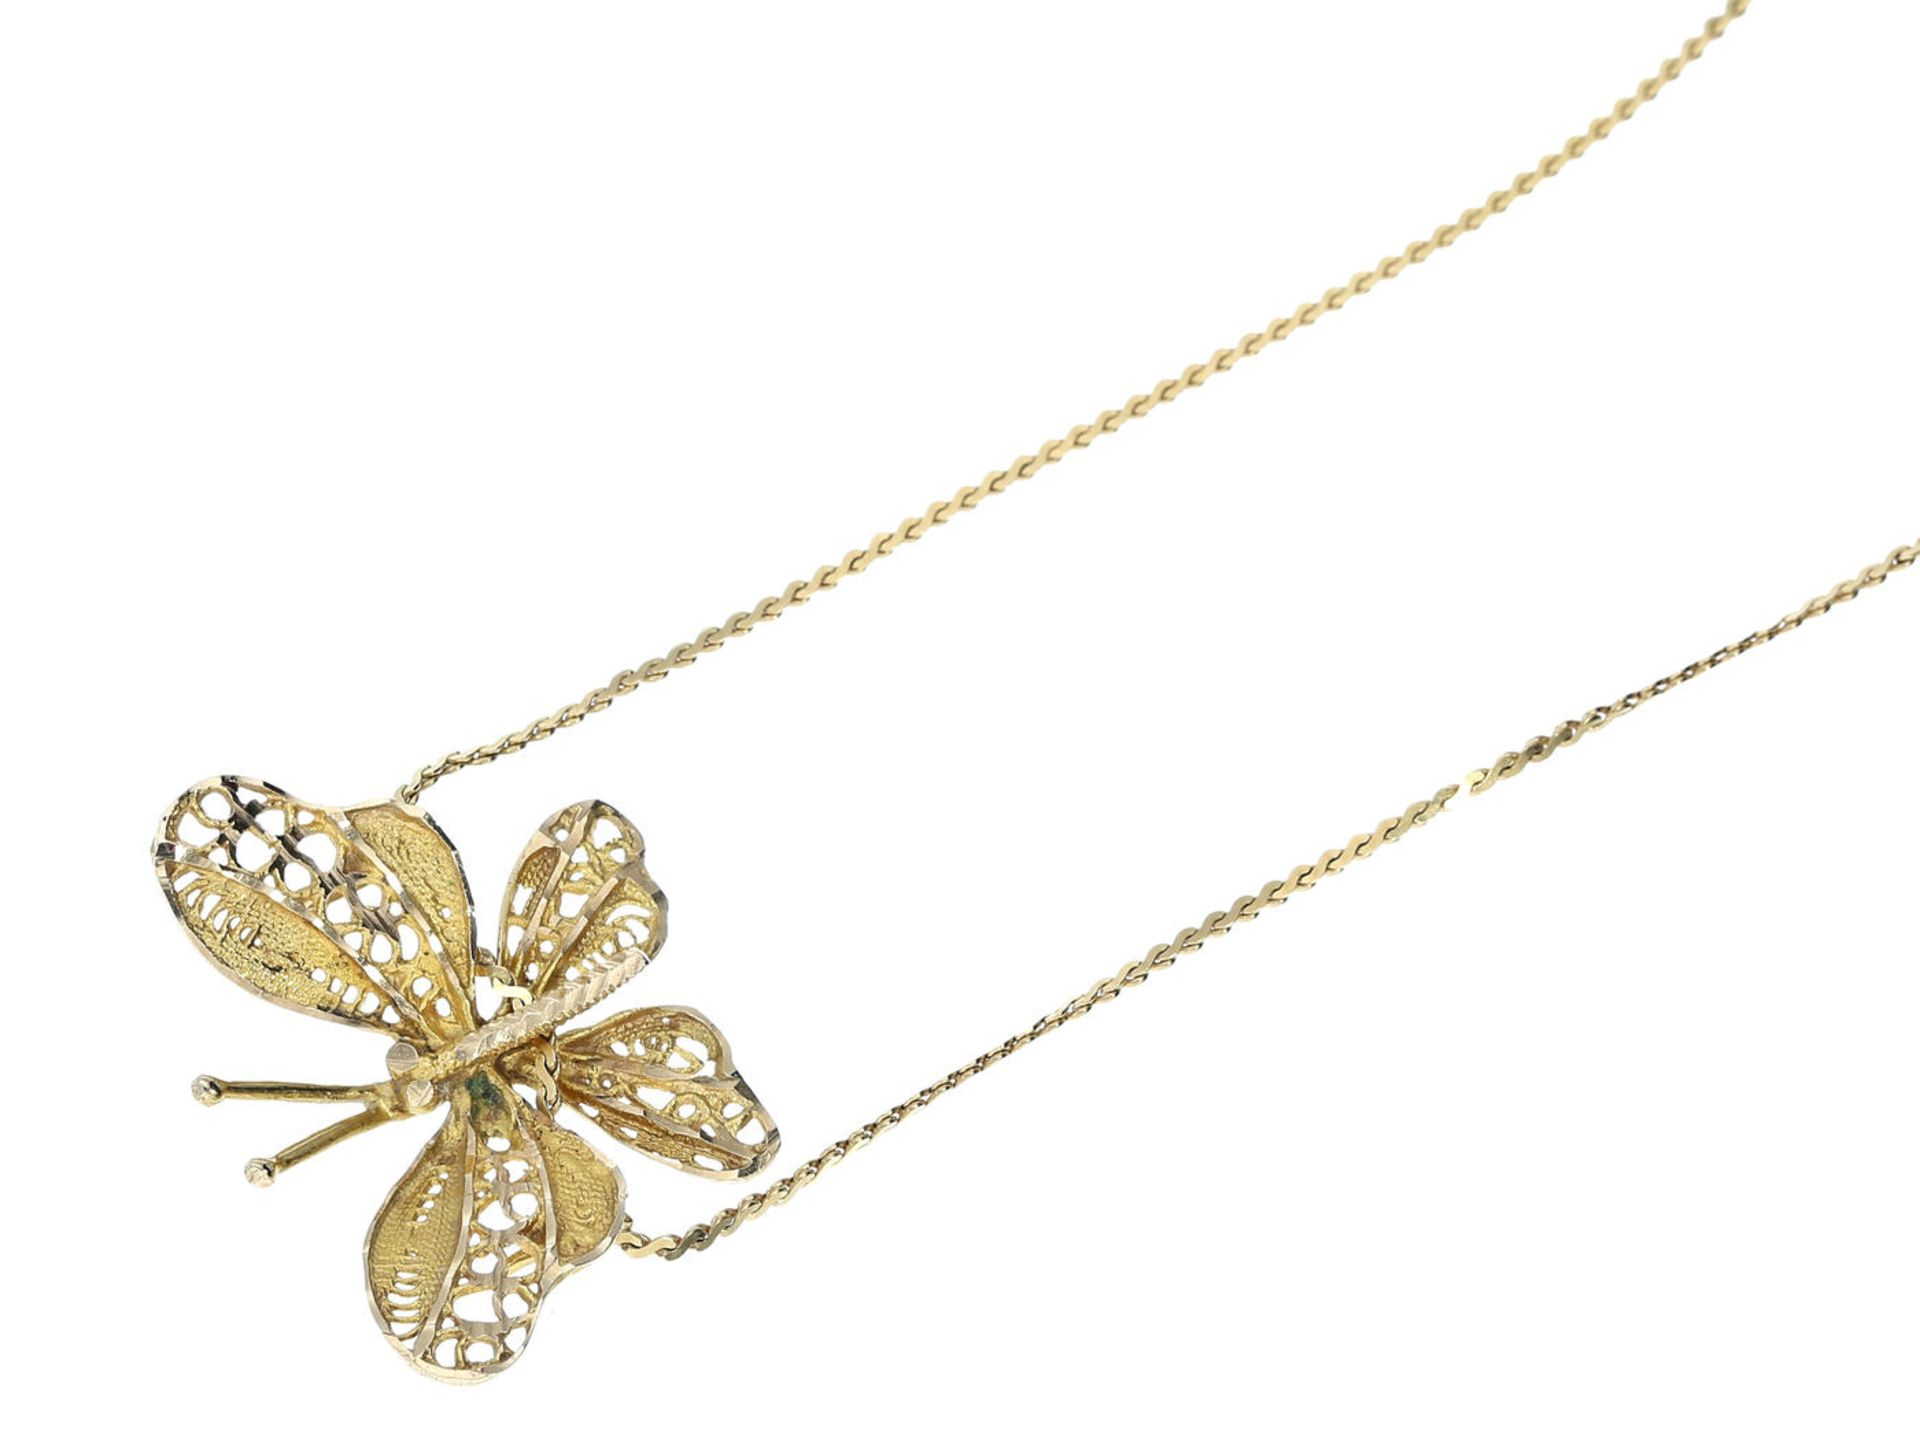 Kette/Collier: zierliche Halskette mit Schmetterlingsanhänger, 18K Gold Ca. 38cm lang, ca. 4g, 18K - Bild 3 aus 3